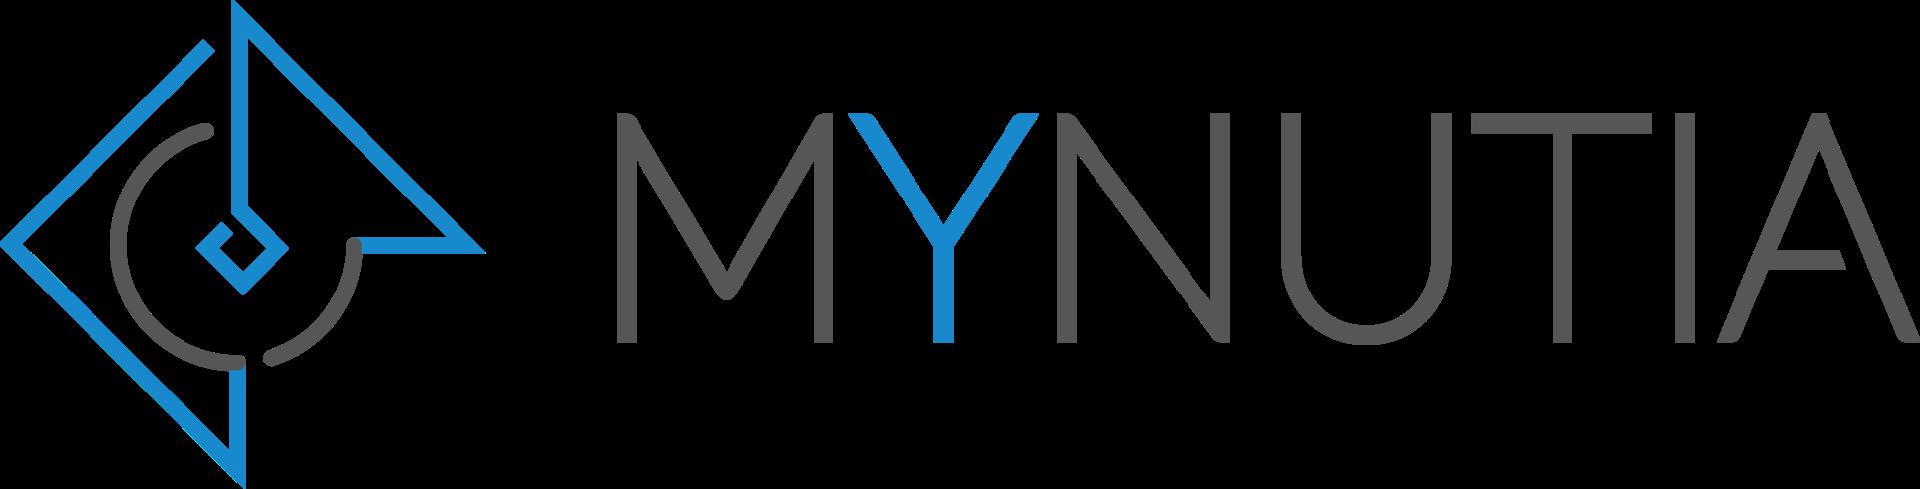 Mynutia logo